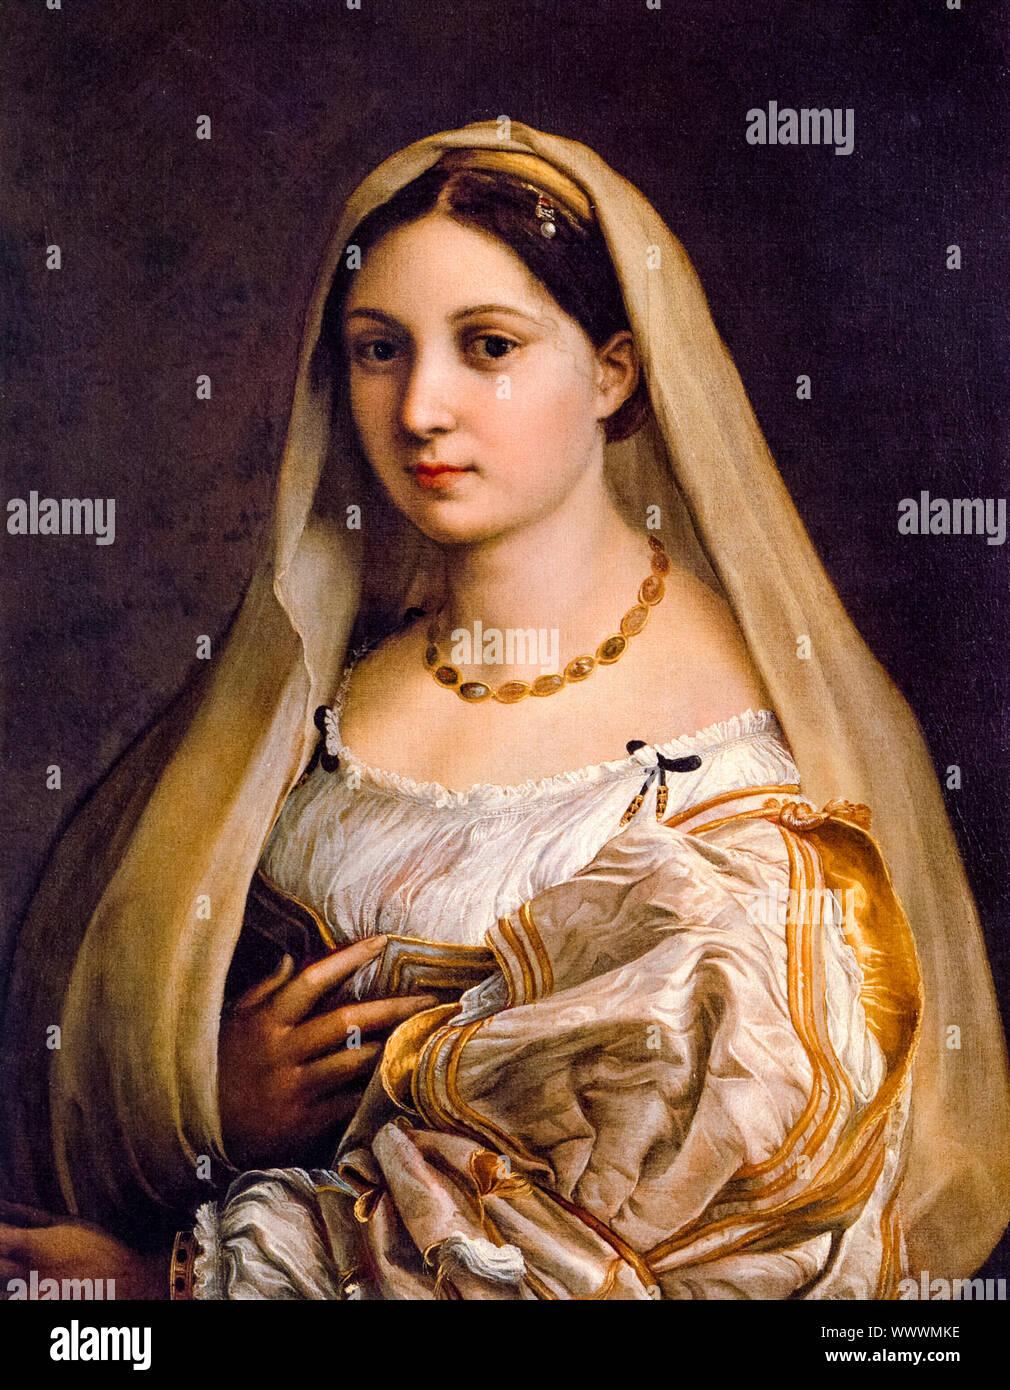 Raphael, Woman with a veil, (La Donna Velata), portrait painting, 1516-1520 Stock Photo